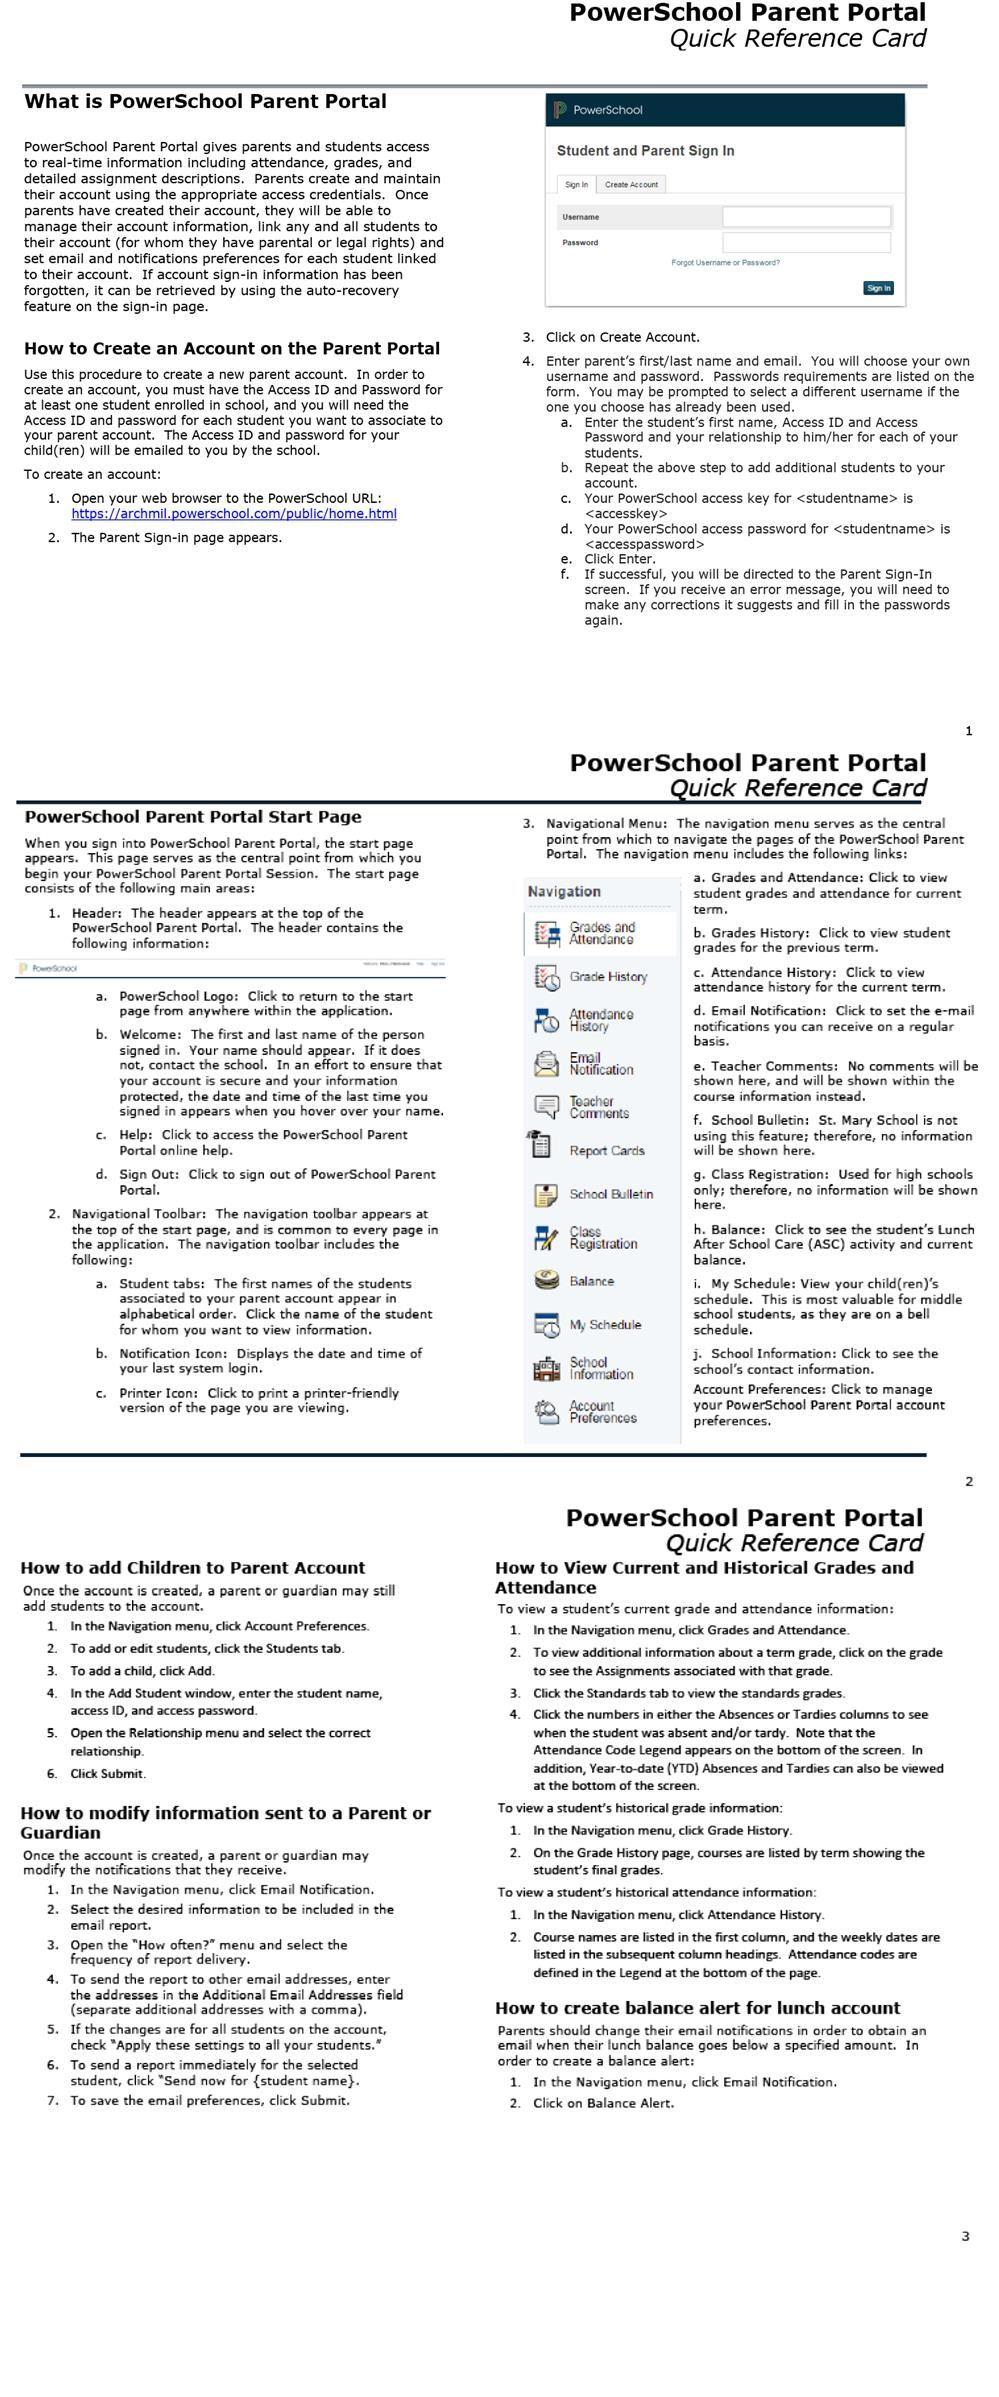 PowerSchool Parent Portal Guide / Overview